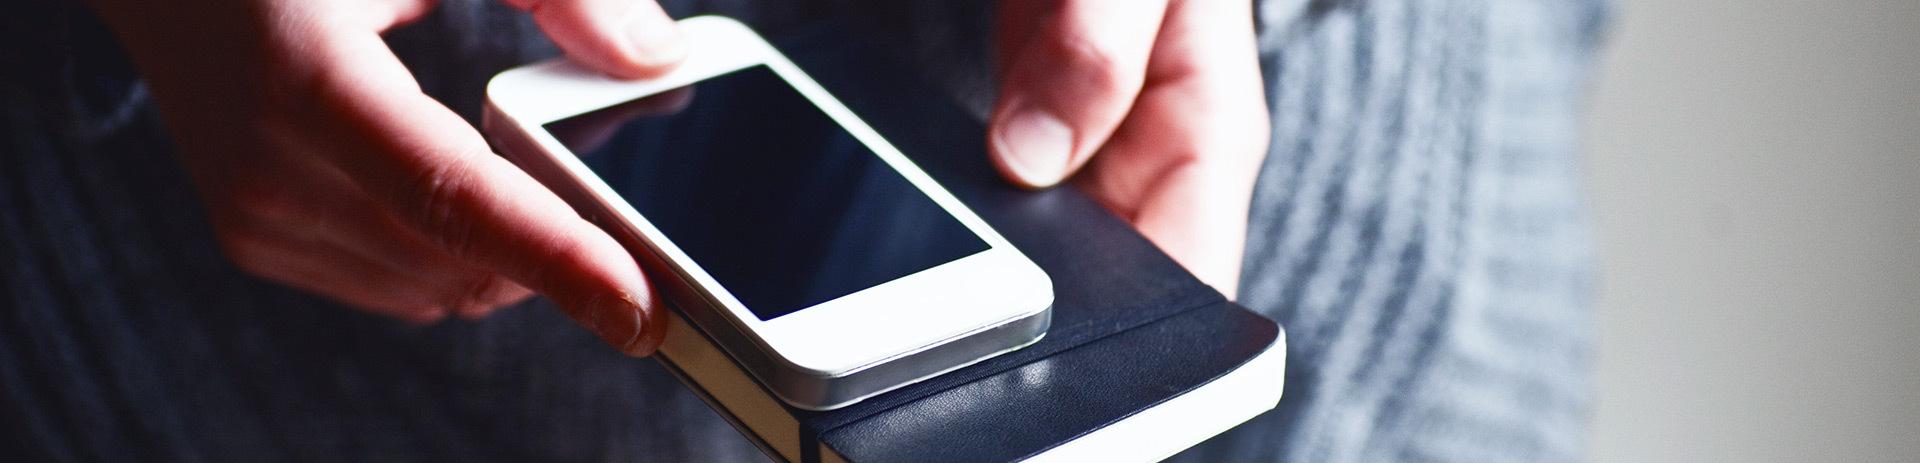 Handy liegt auf Notizbuch.